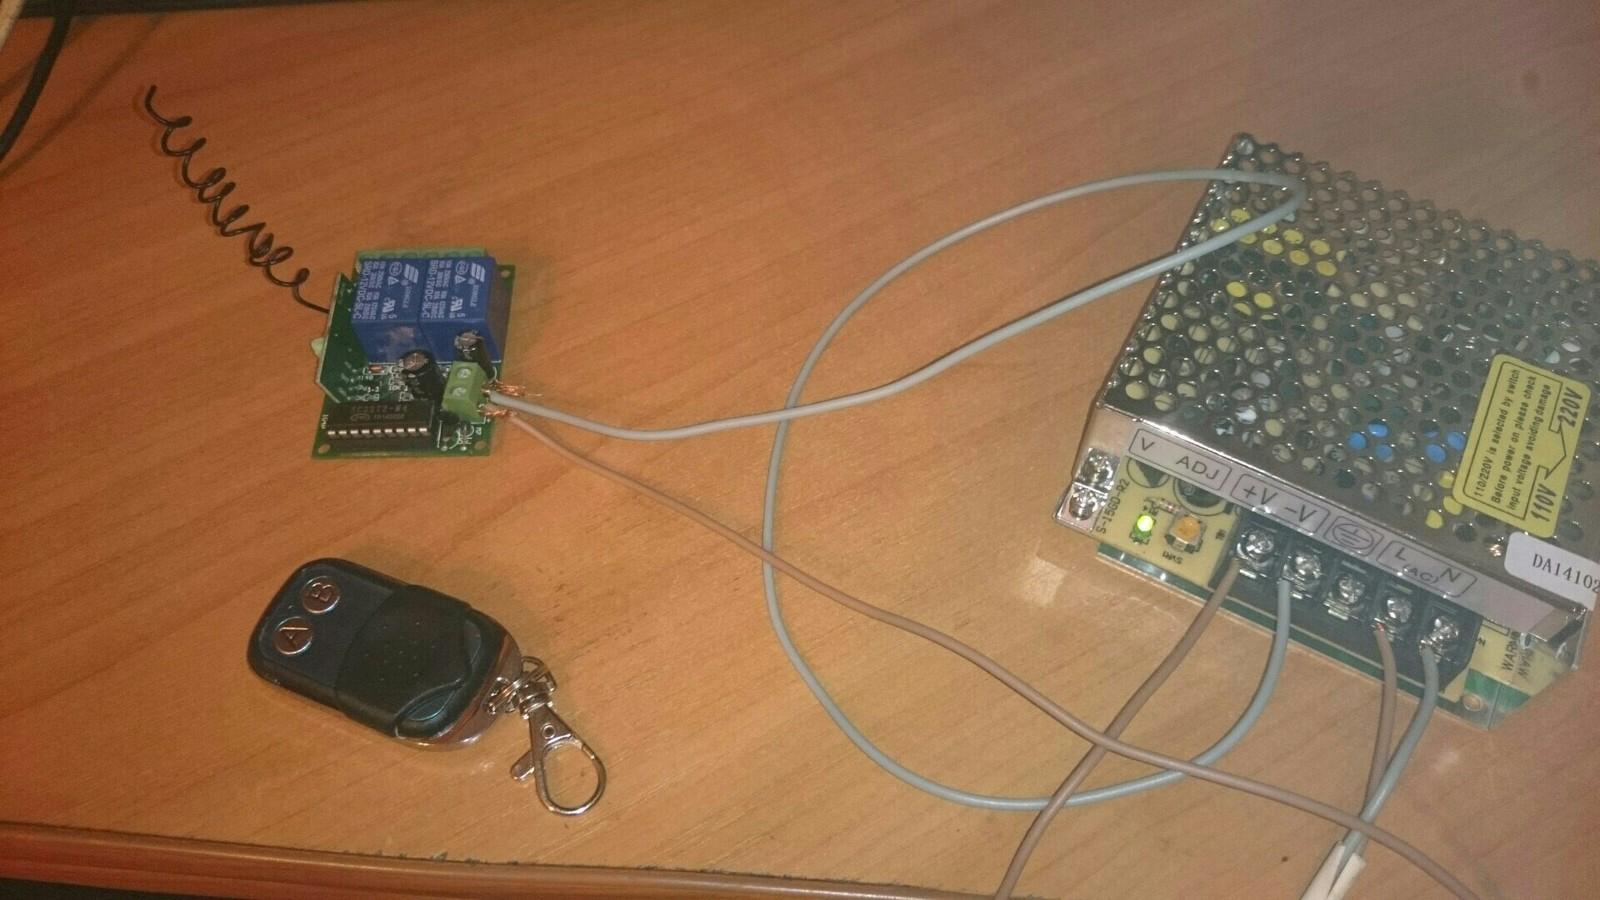 автоматические ворота с дистанционным управлением схема